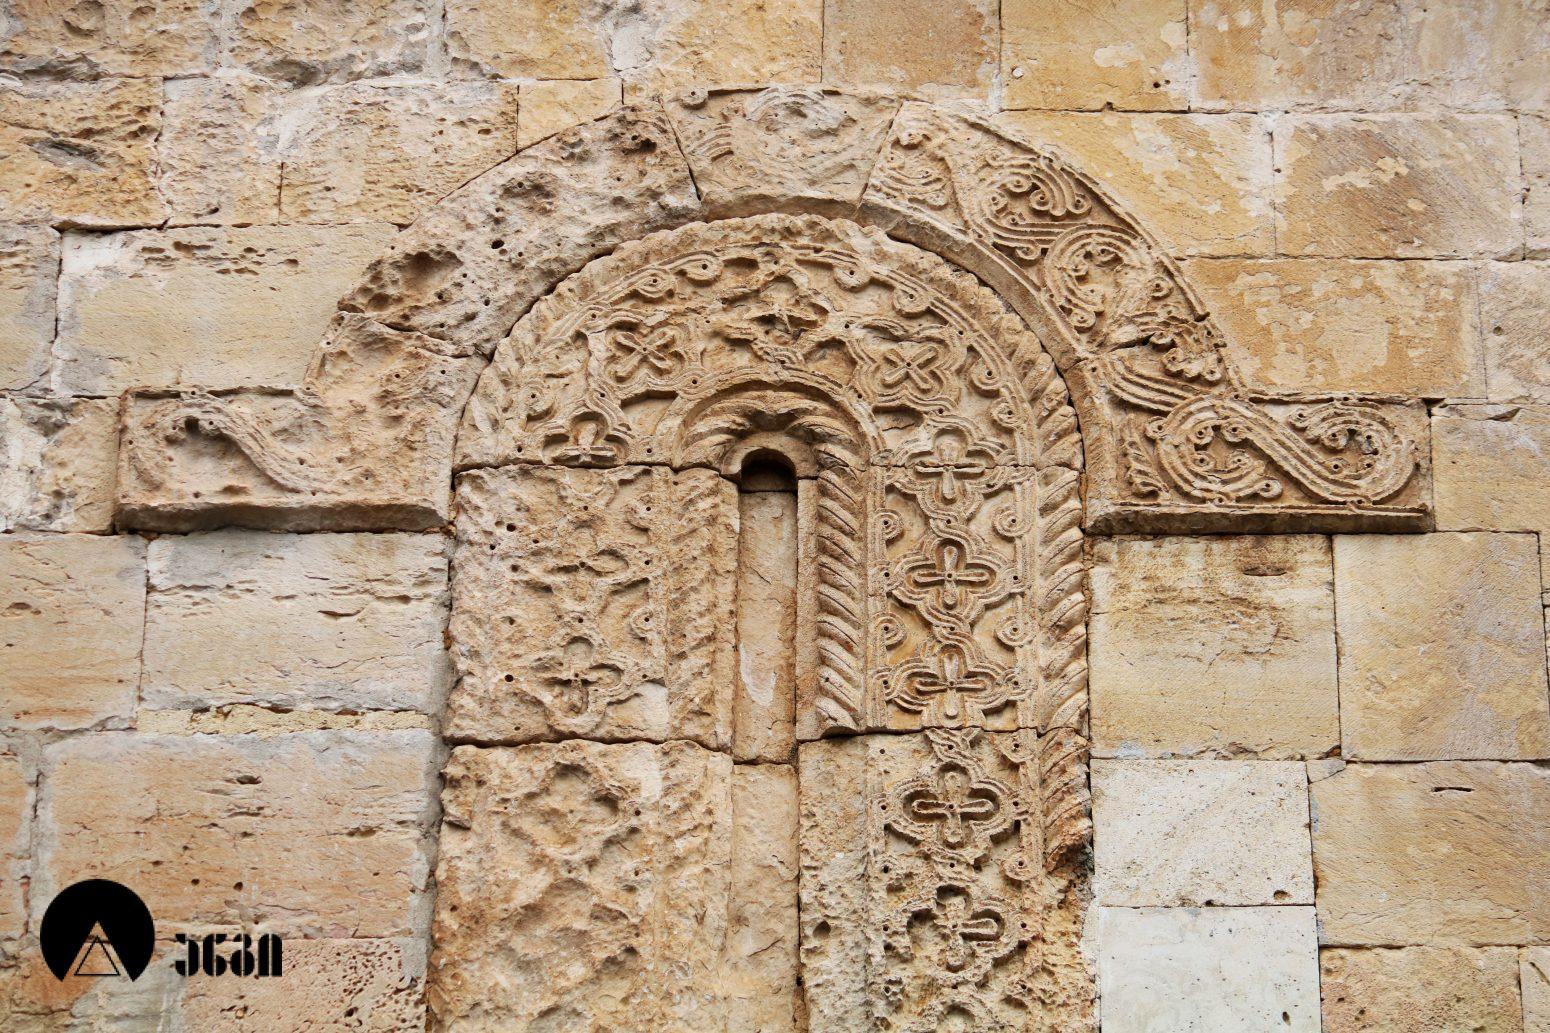 სავანის წმინდა გიორგის სახელობის ეკლესია